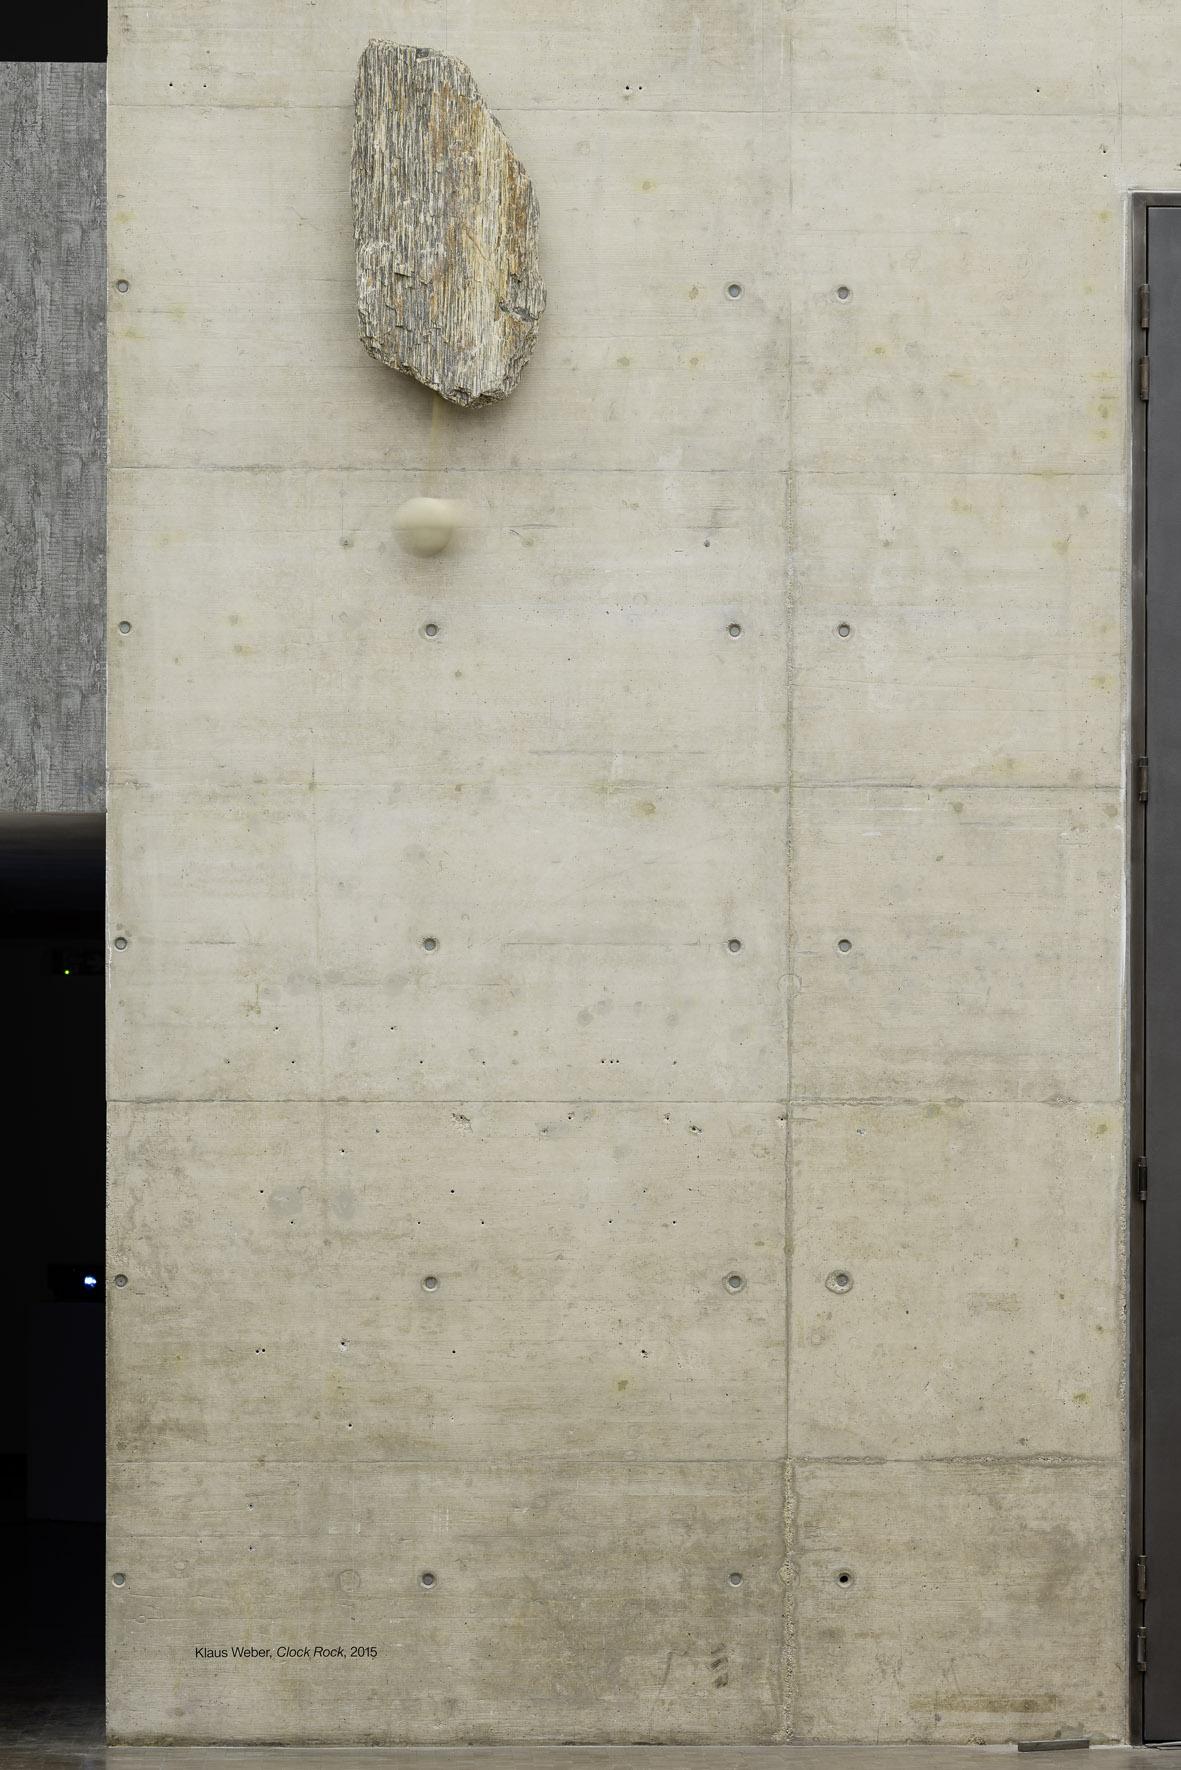 Béton  Installation View  Kunsthalle Wien, Vienna, AT  2016